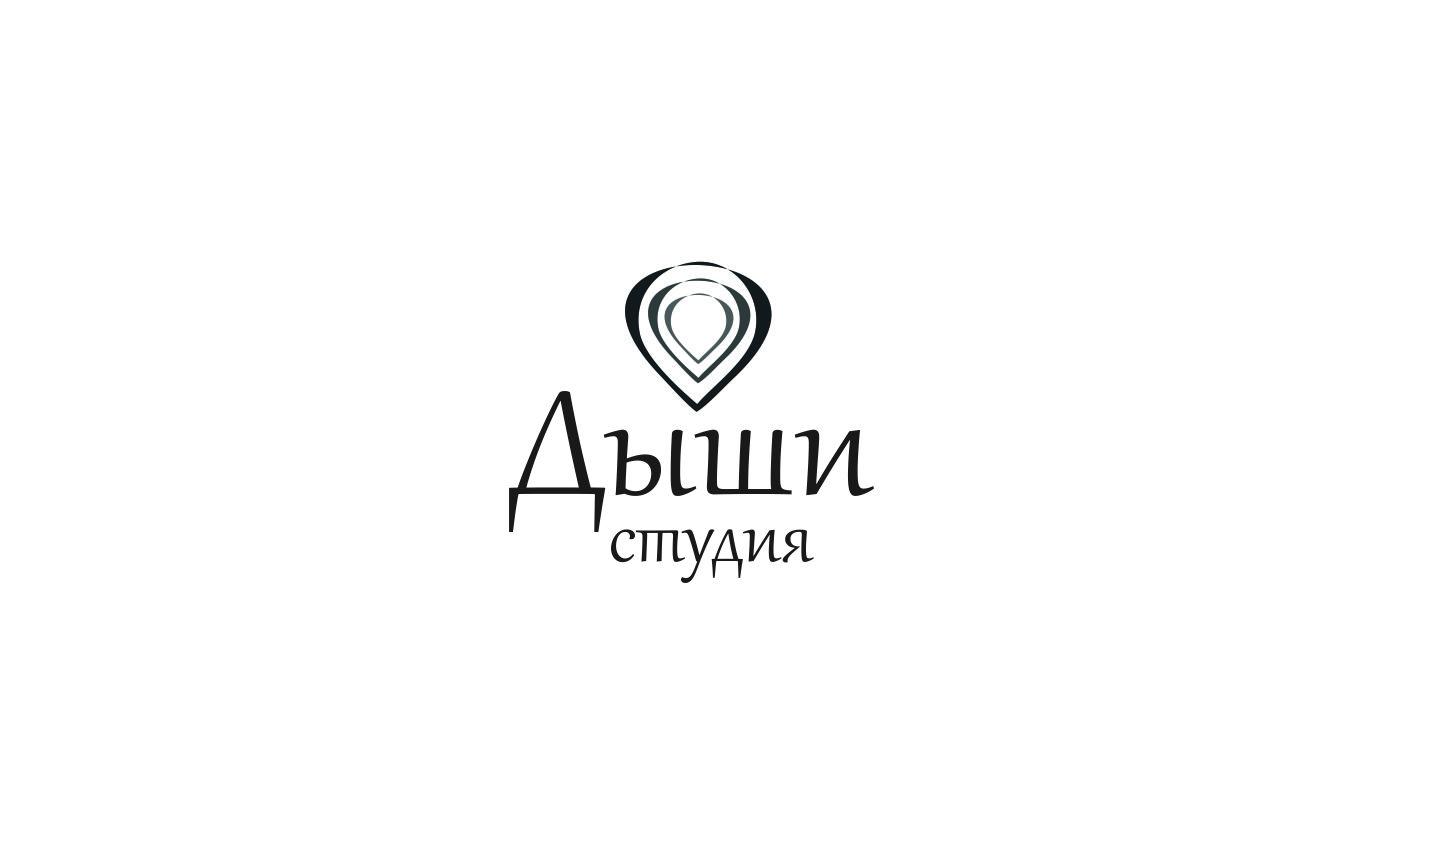 """Логотип для студии """"Дыши""""  и фирменный стиль фото f_92256f25c9926b92.jpg"""